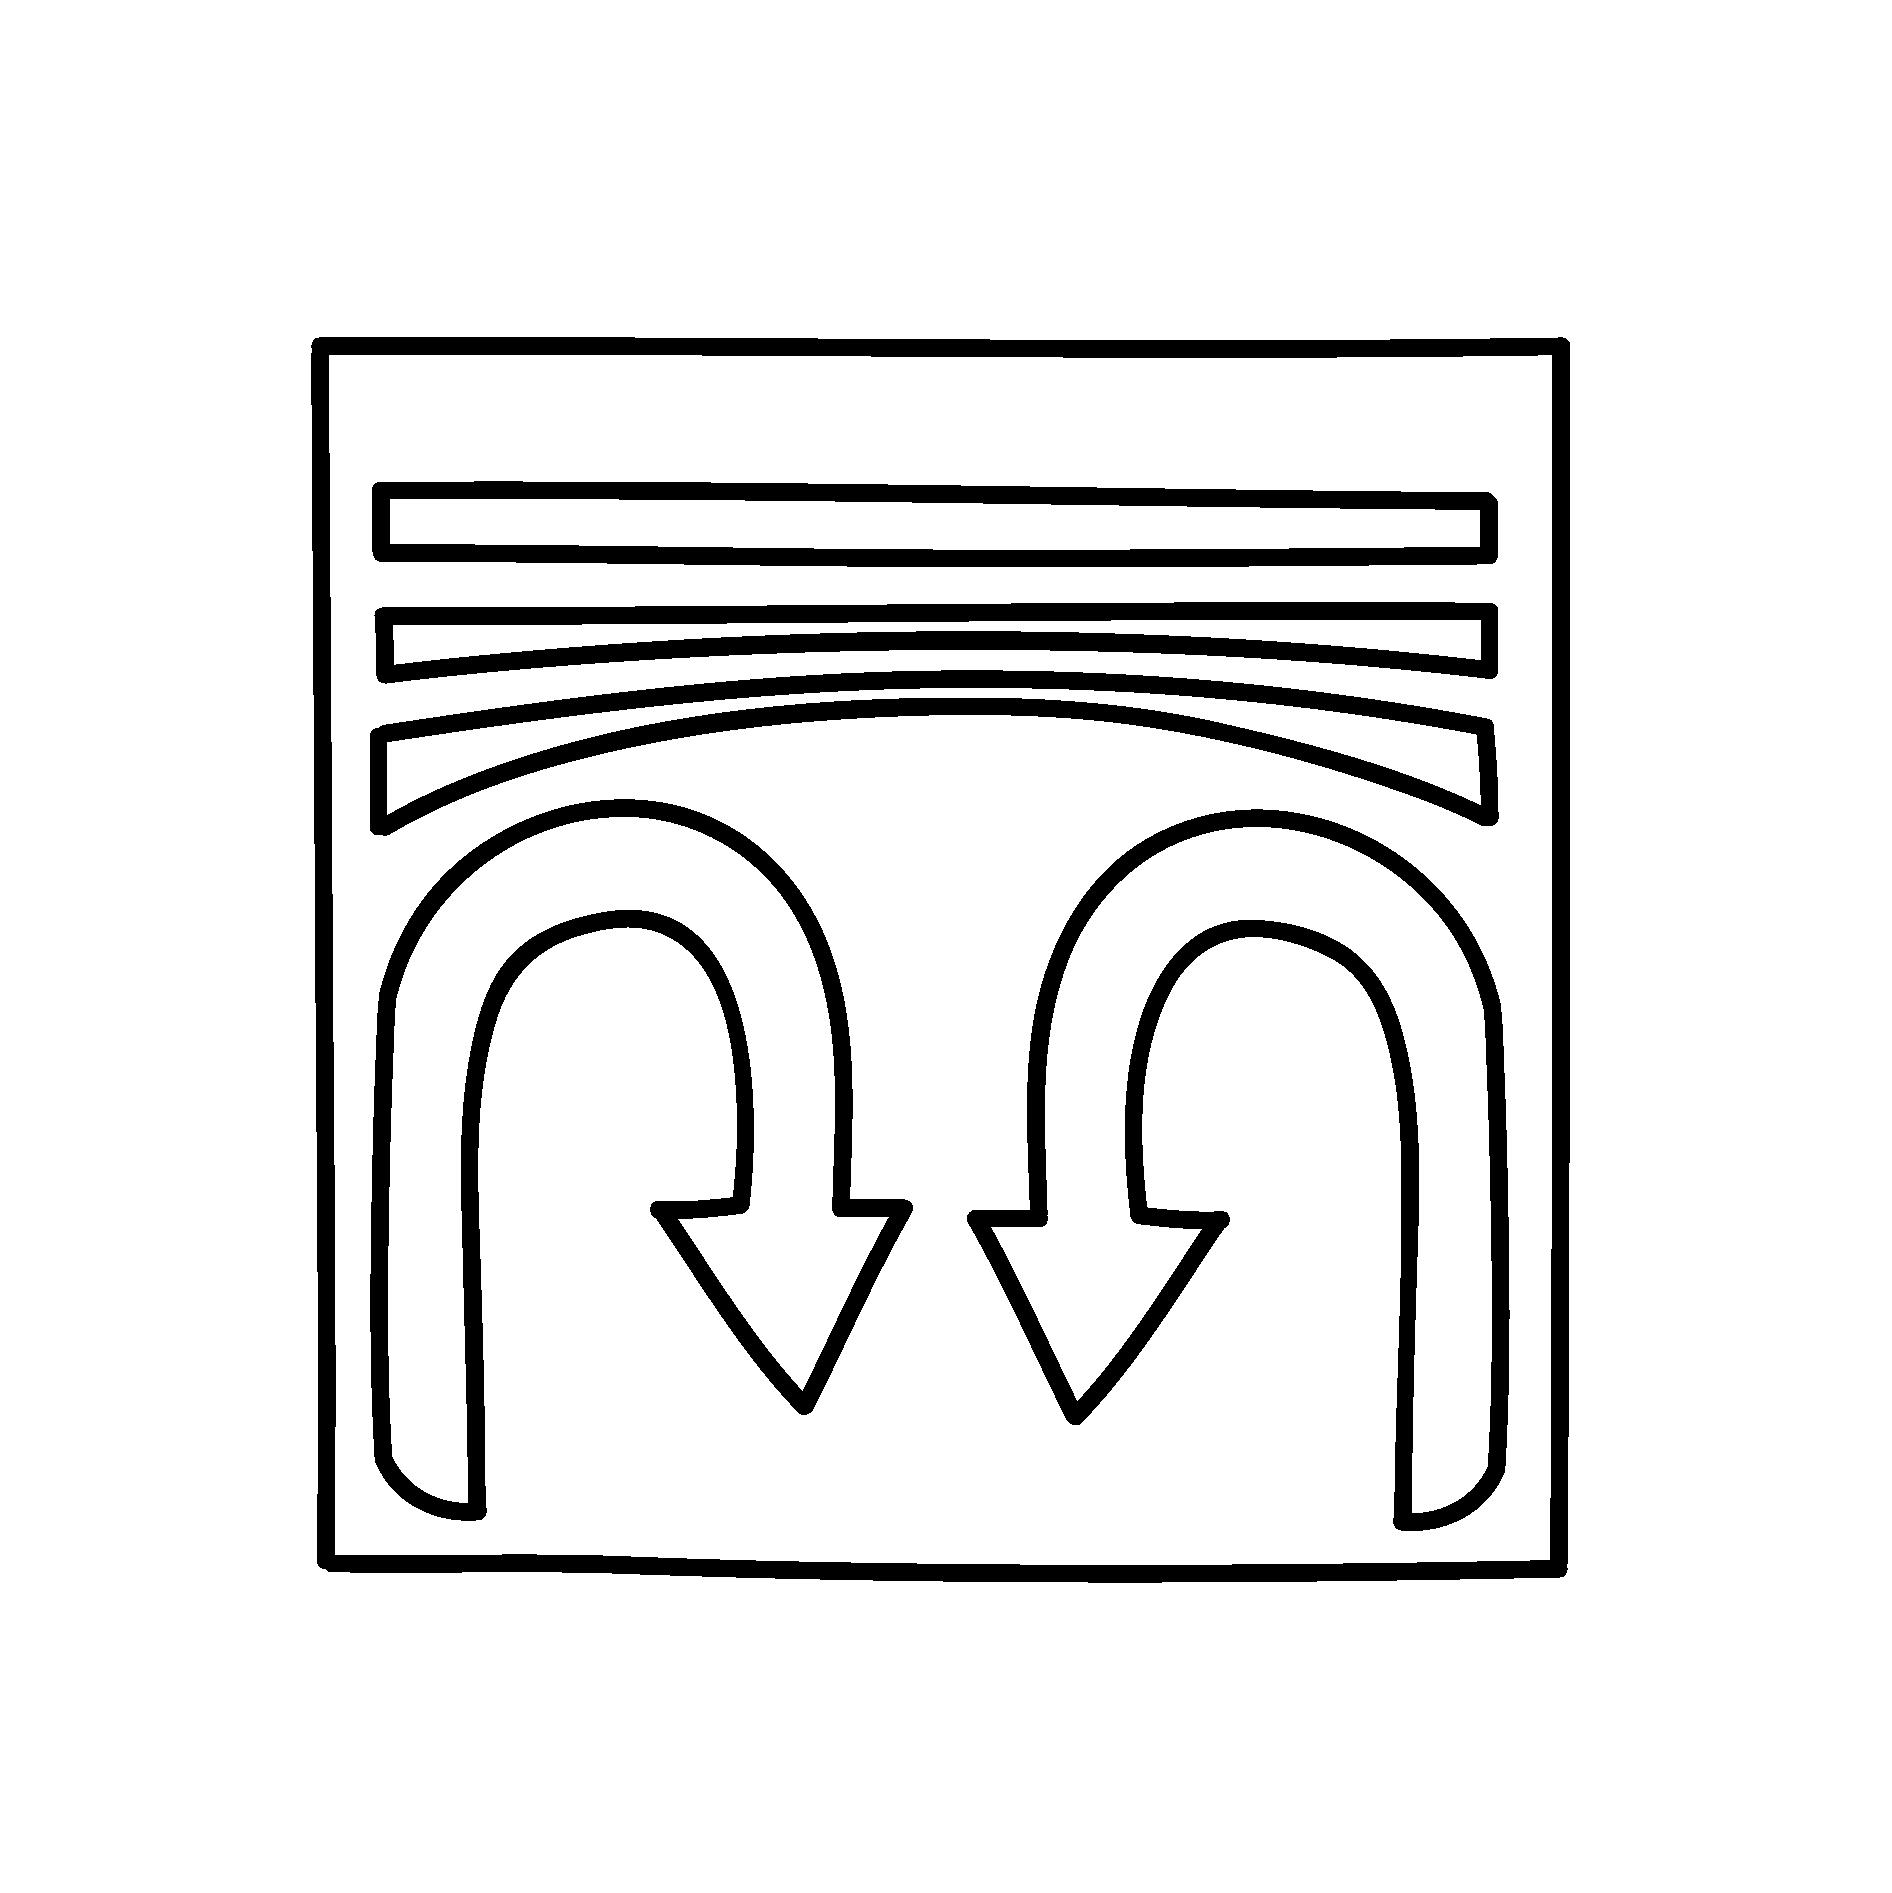 Knapillustrationsforpete-10.png